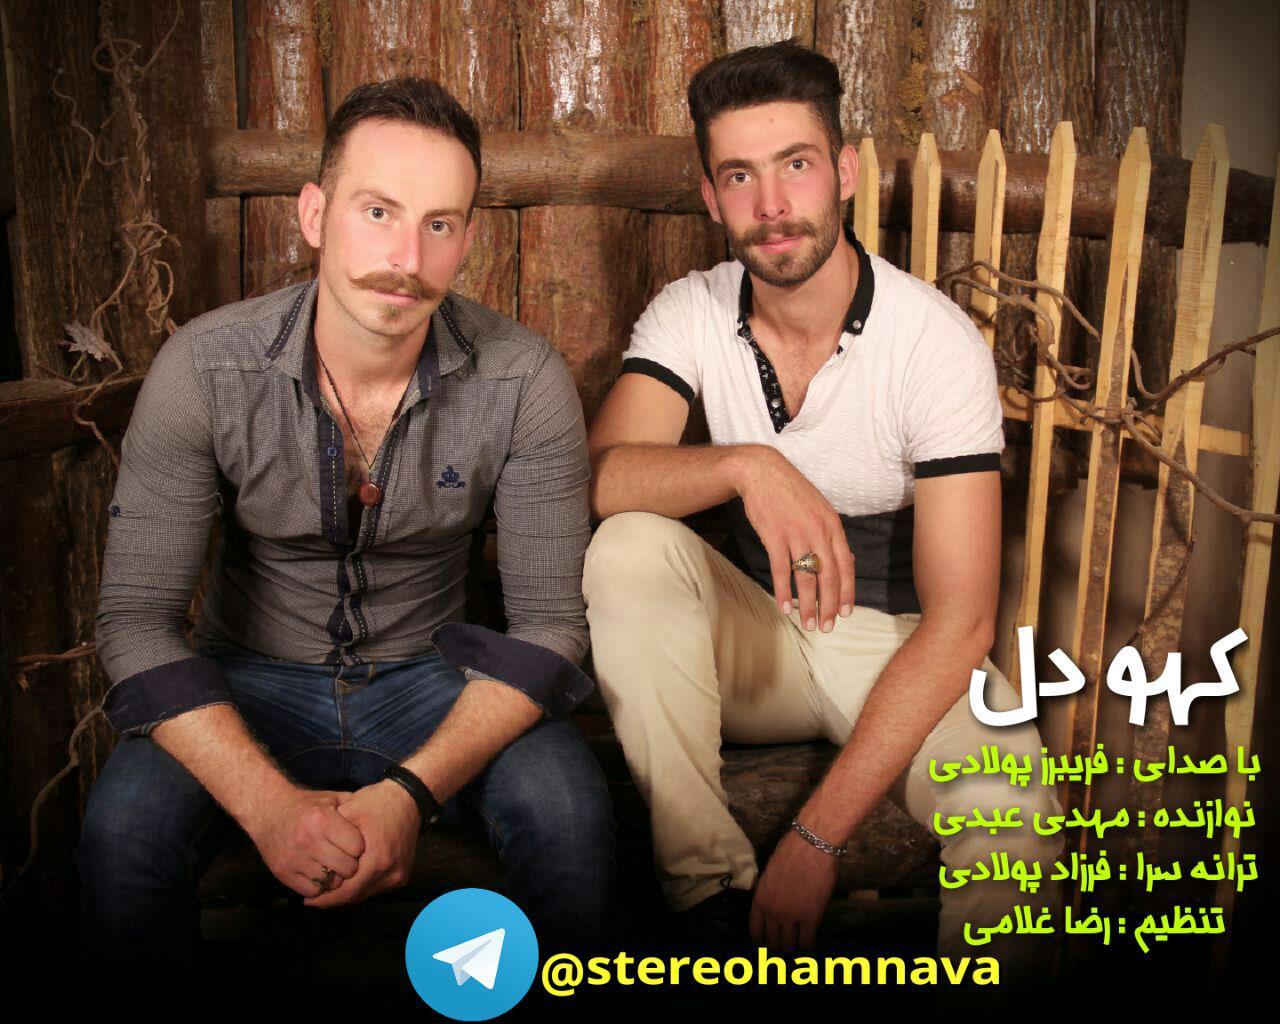 دانلود آهنگ جدید کهو دل با صدای فریبرز پولادی